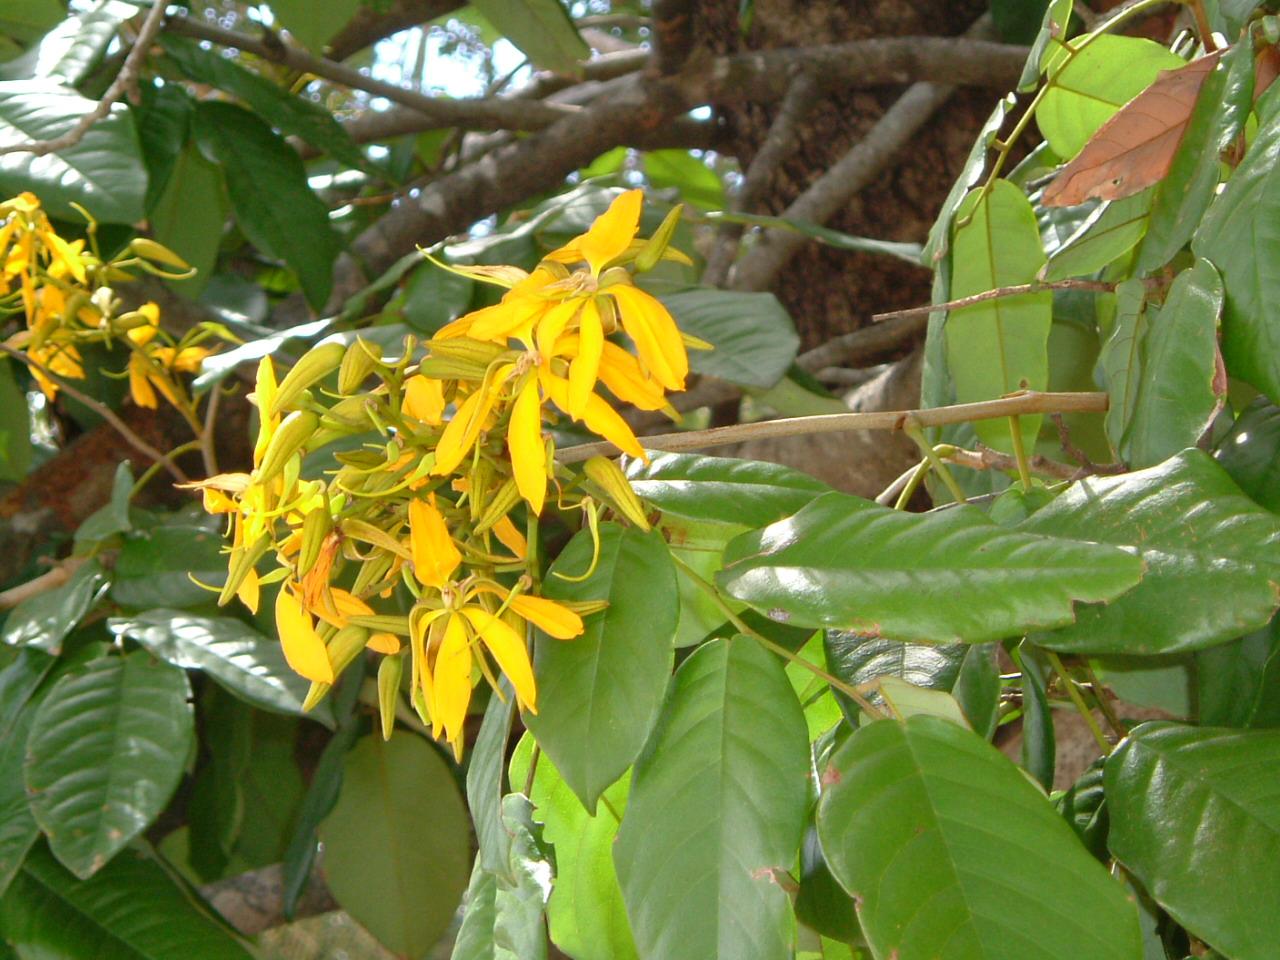 Specimen: Martiodendron excelsum